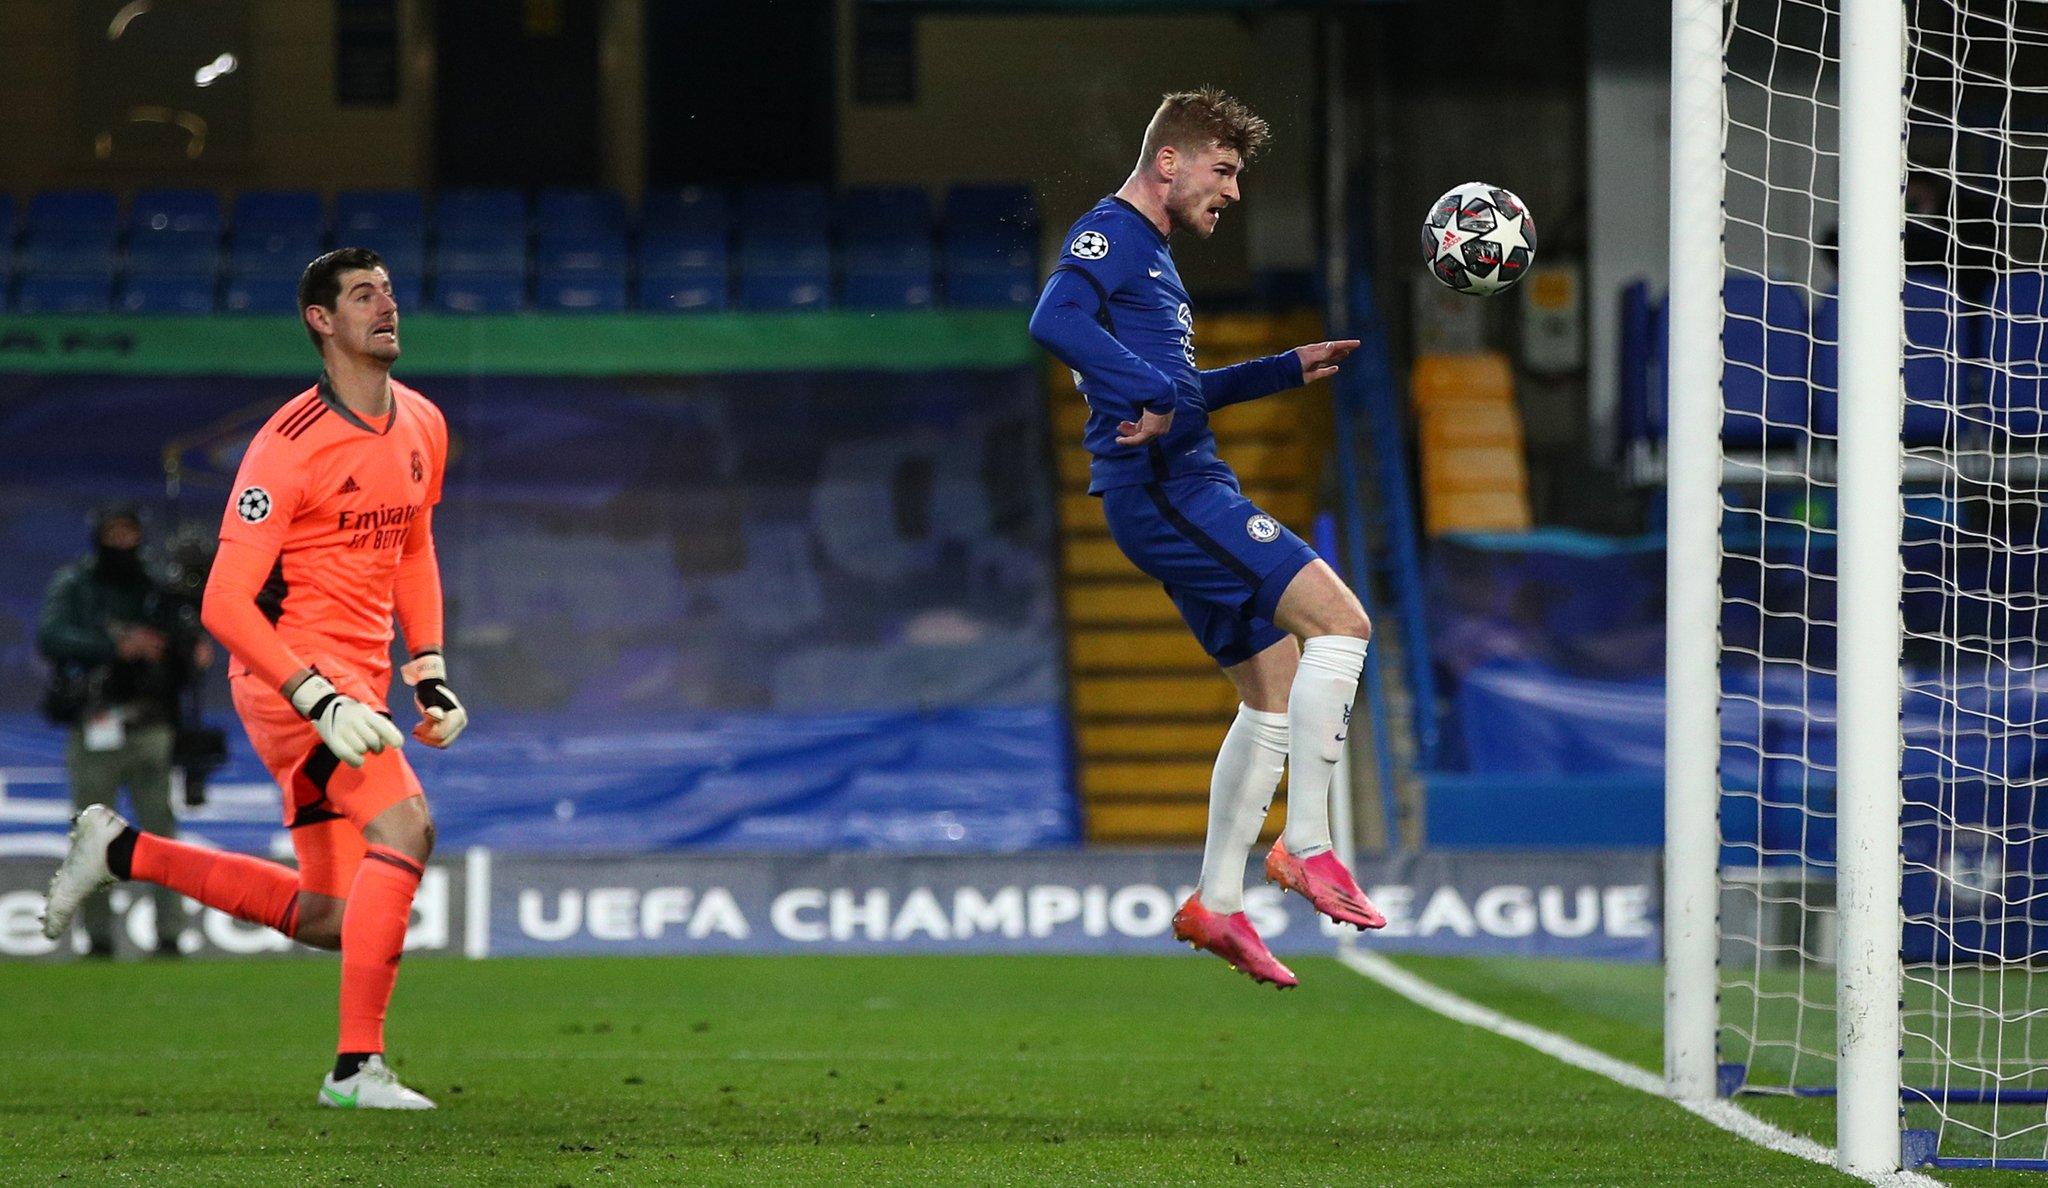 تشيلسي ييكتسح ريال مدريد ويتأهل الى نهائي دوري الابطال لمواجهة السيتي